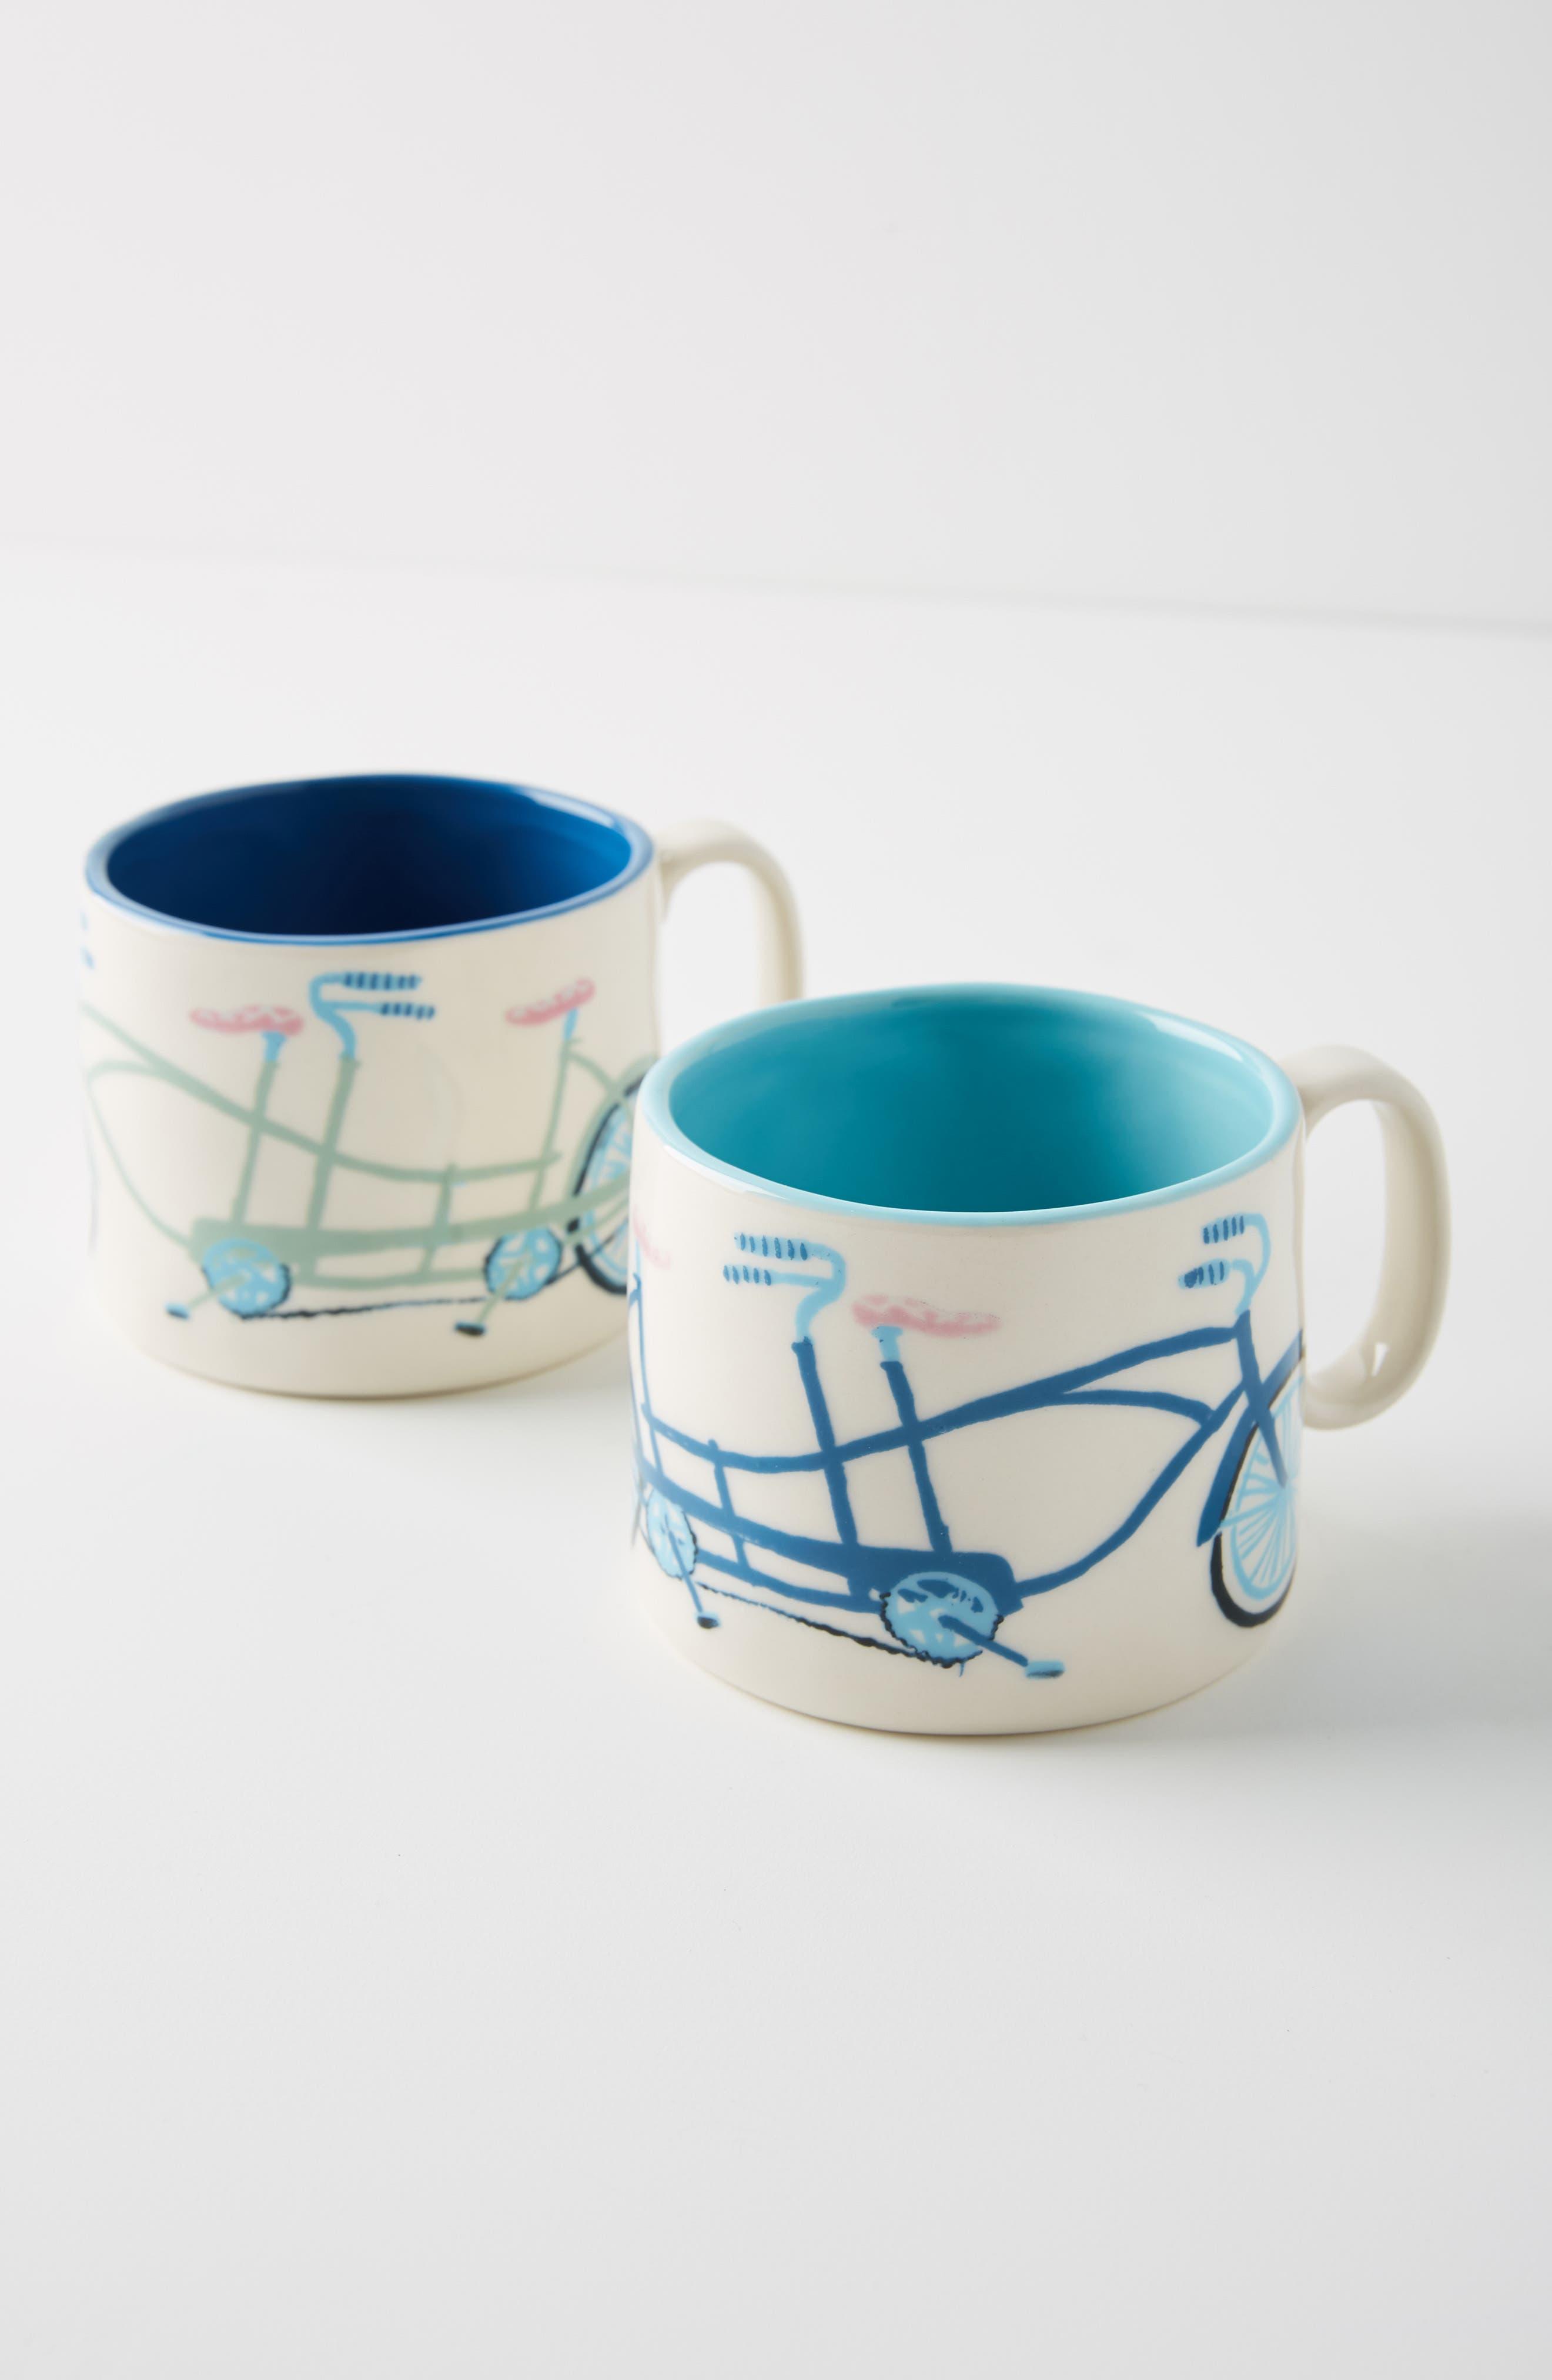 ANTHROPOLOGIE,                             Tandem Mug Set of 2 Mugs,                             Main thumbnail 1, color,                             BETTER TOGETHER